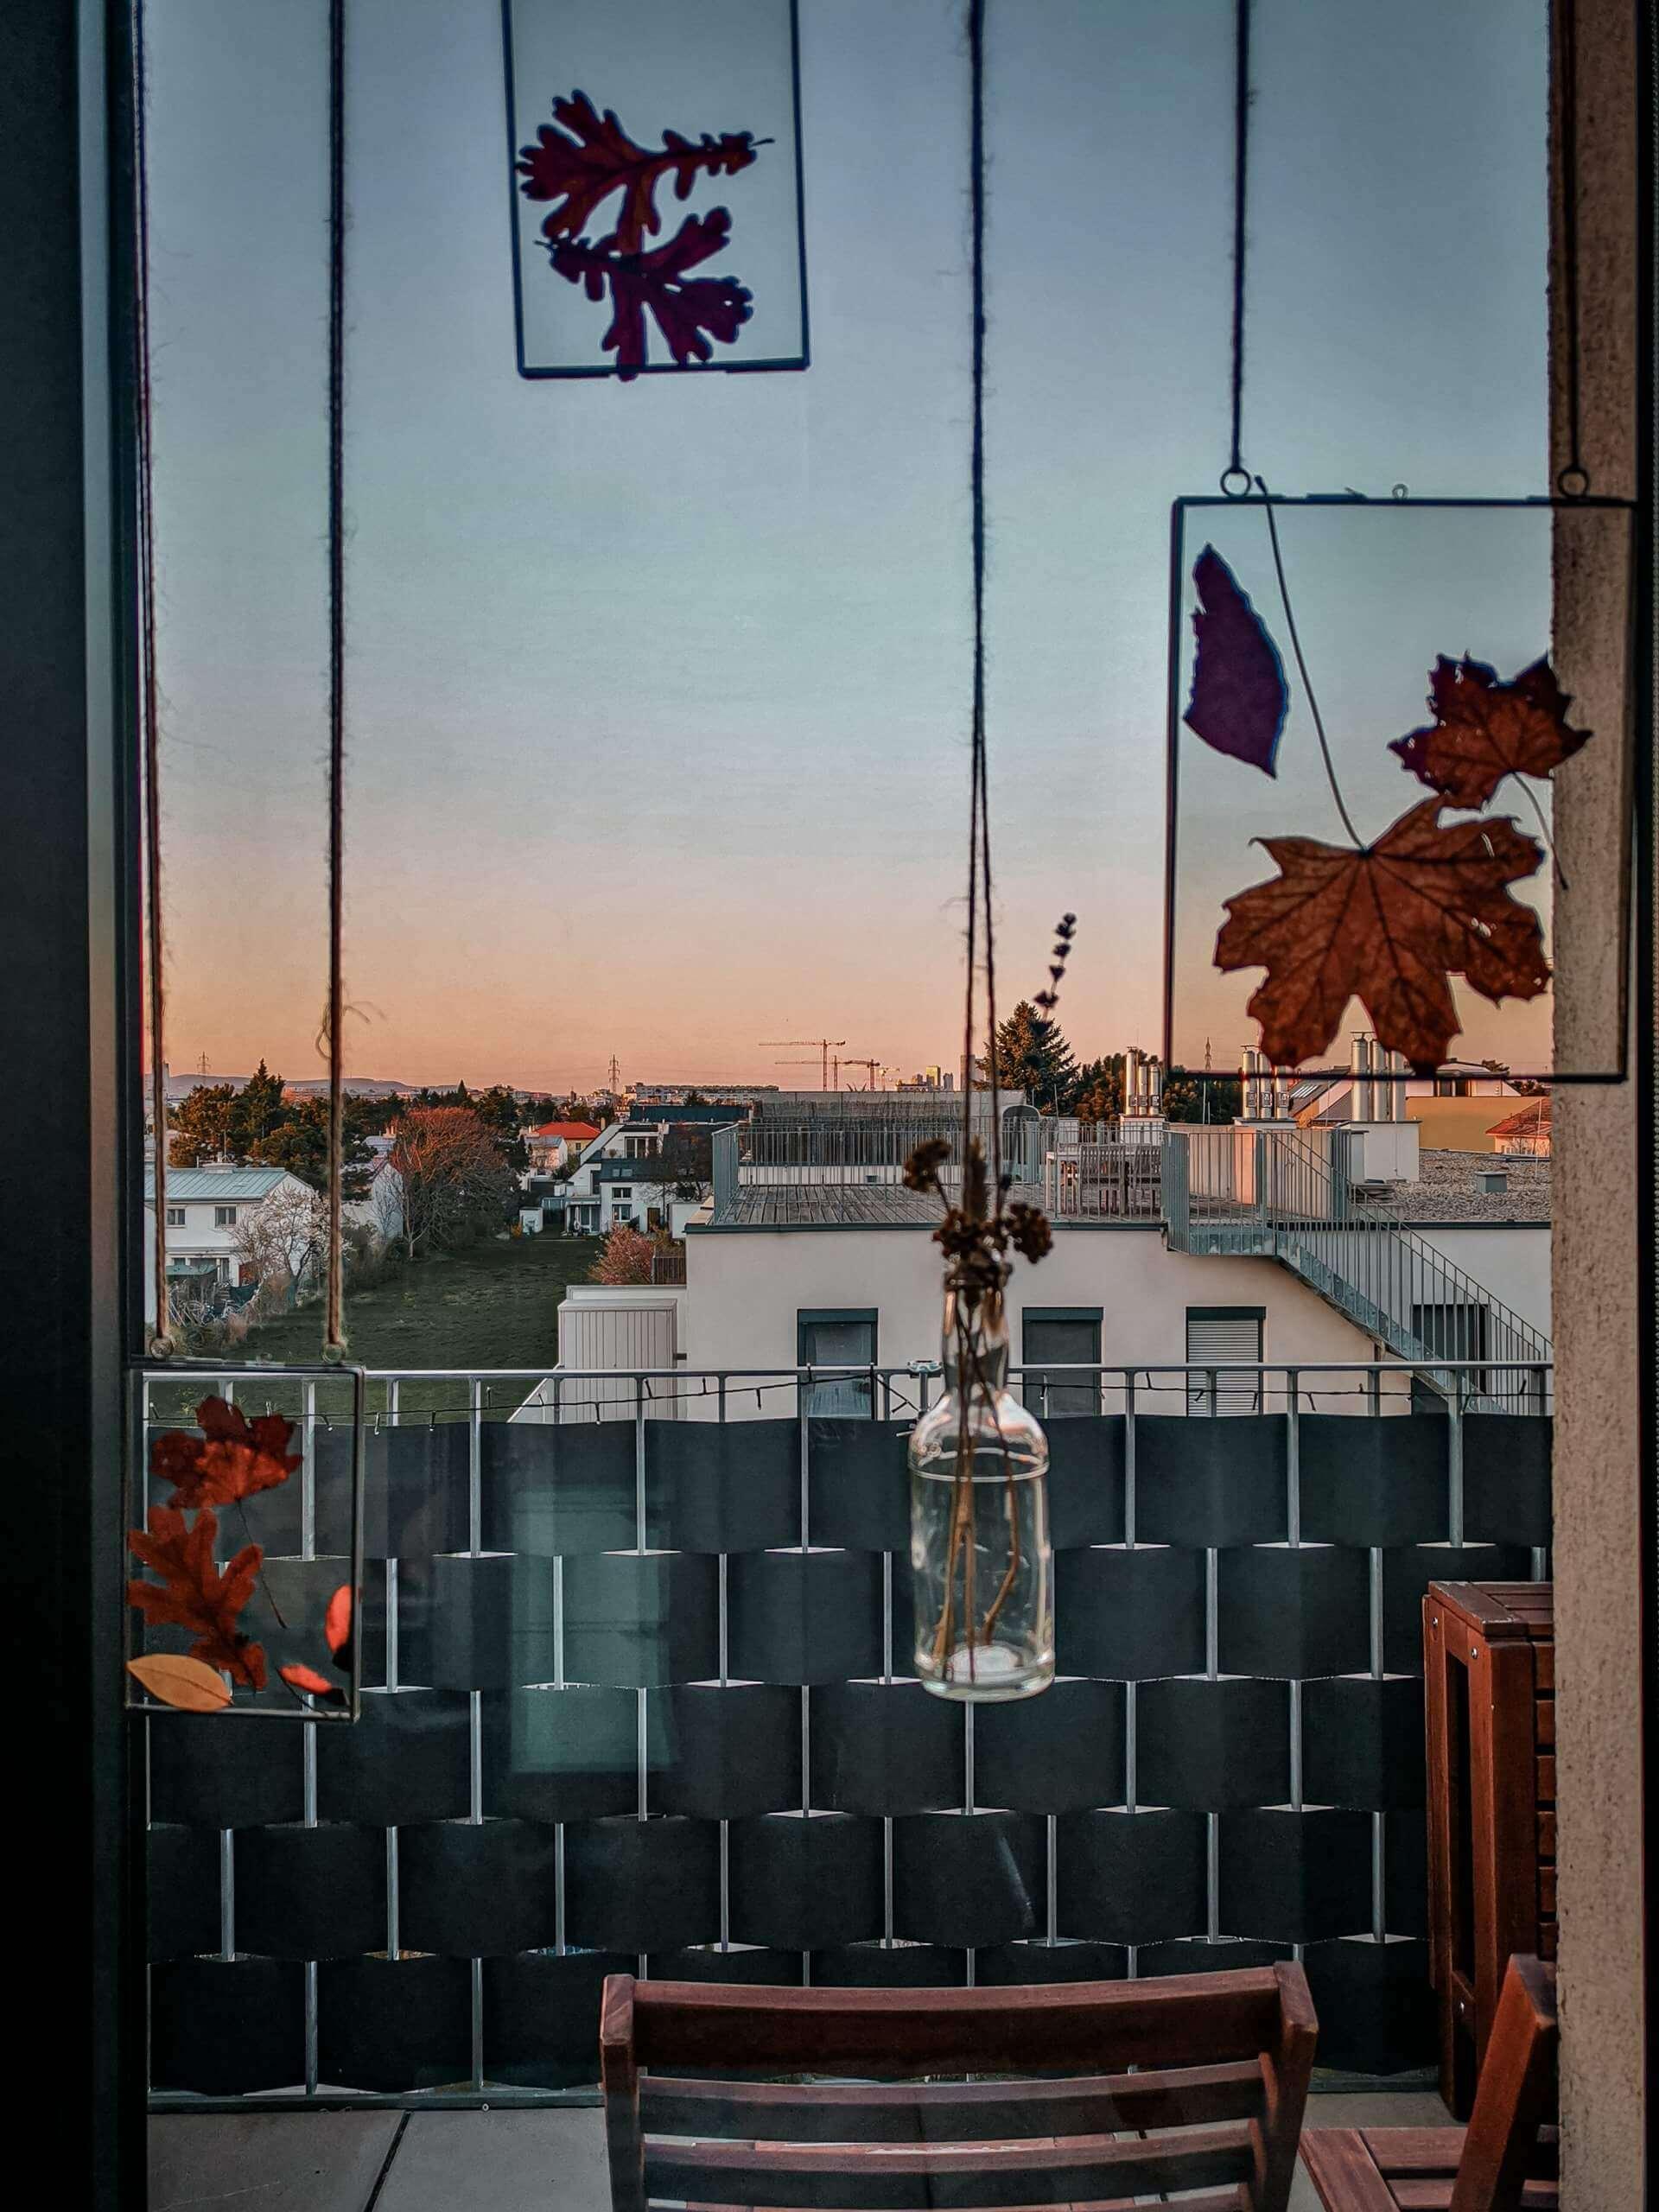 IMG 20200407 191506 2 scaled - Botanický windowstyling: Vymeňte záclony za okenný herbár